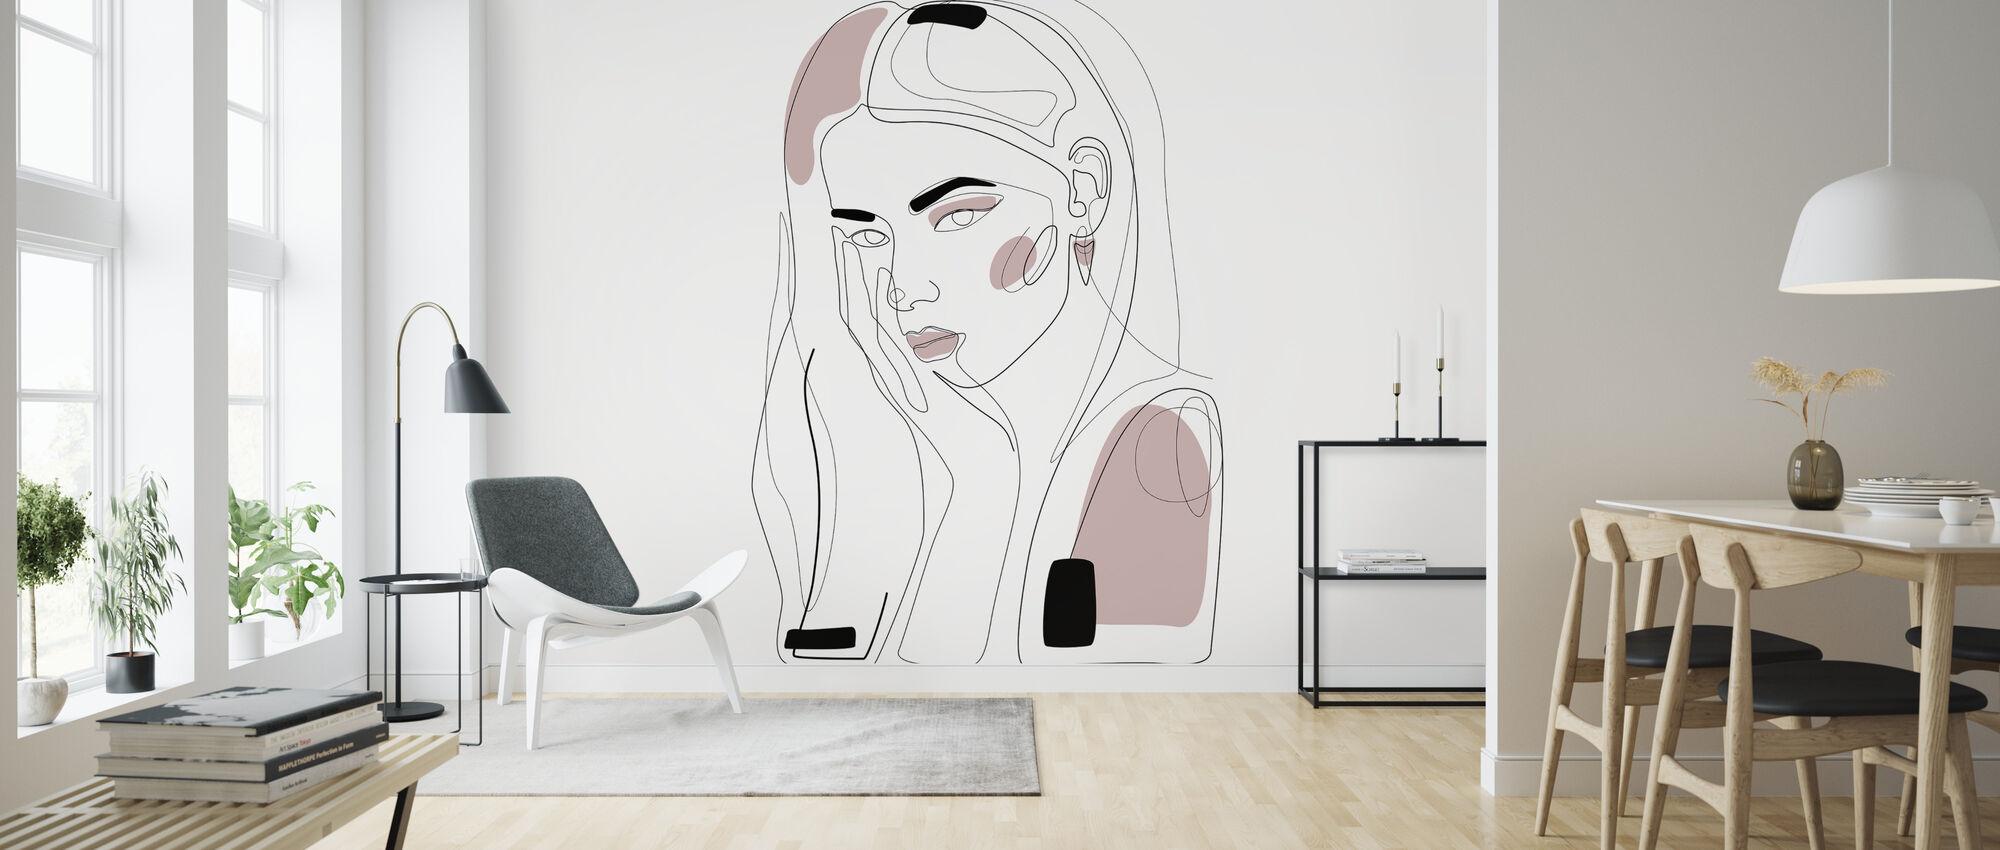 In Blush - Wallpaper - Living Room